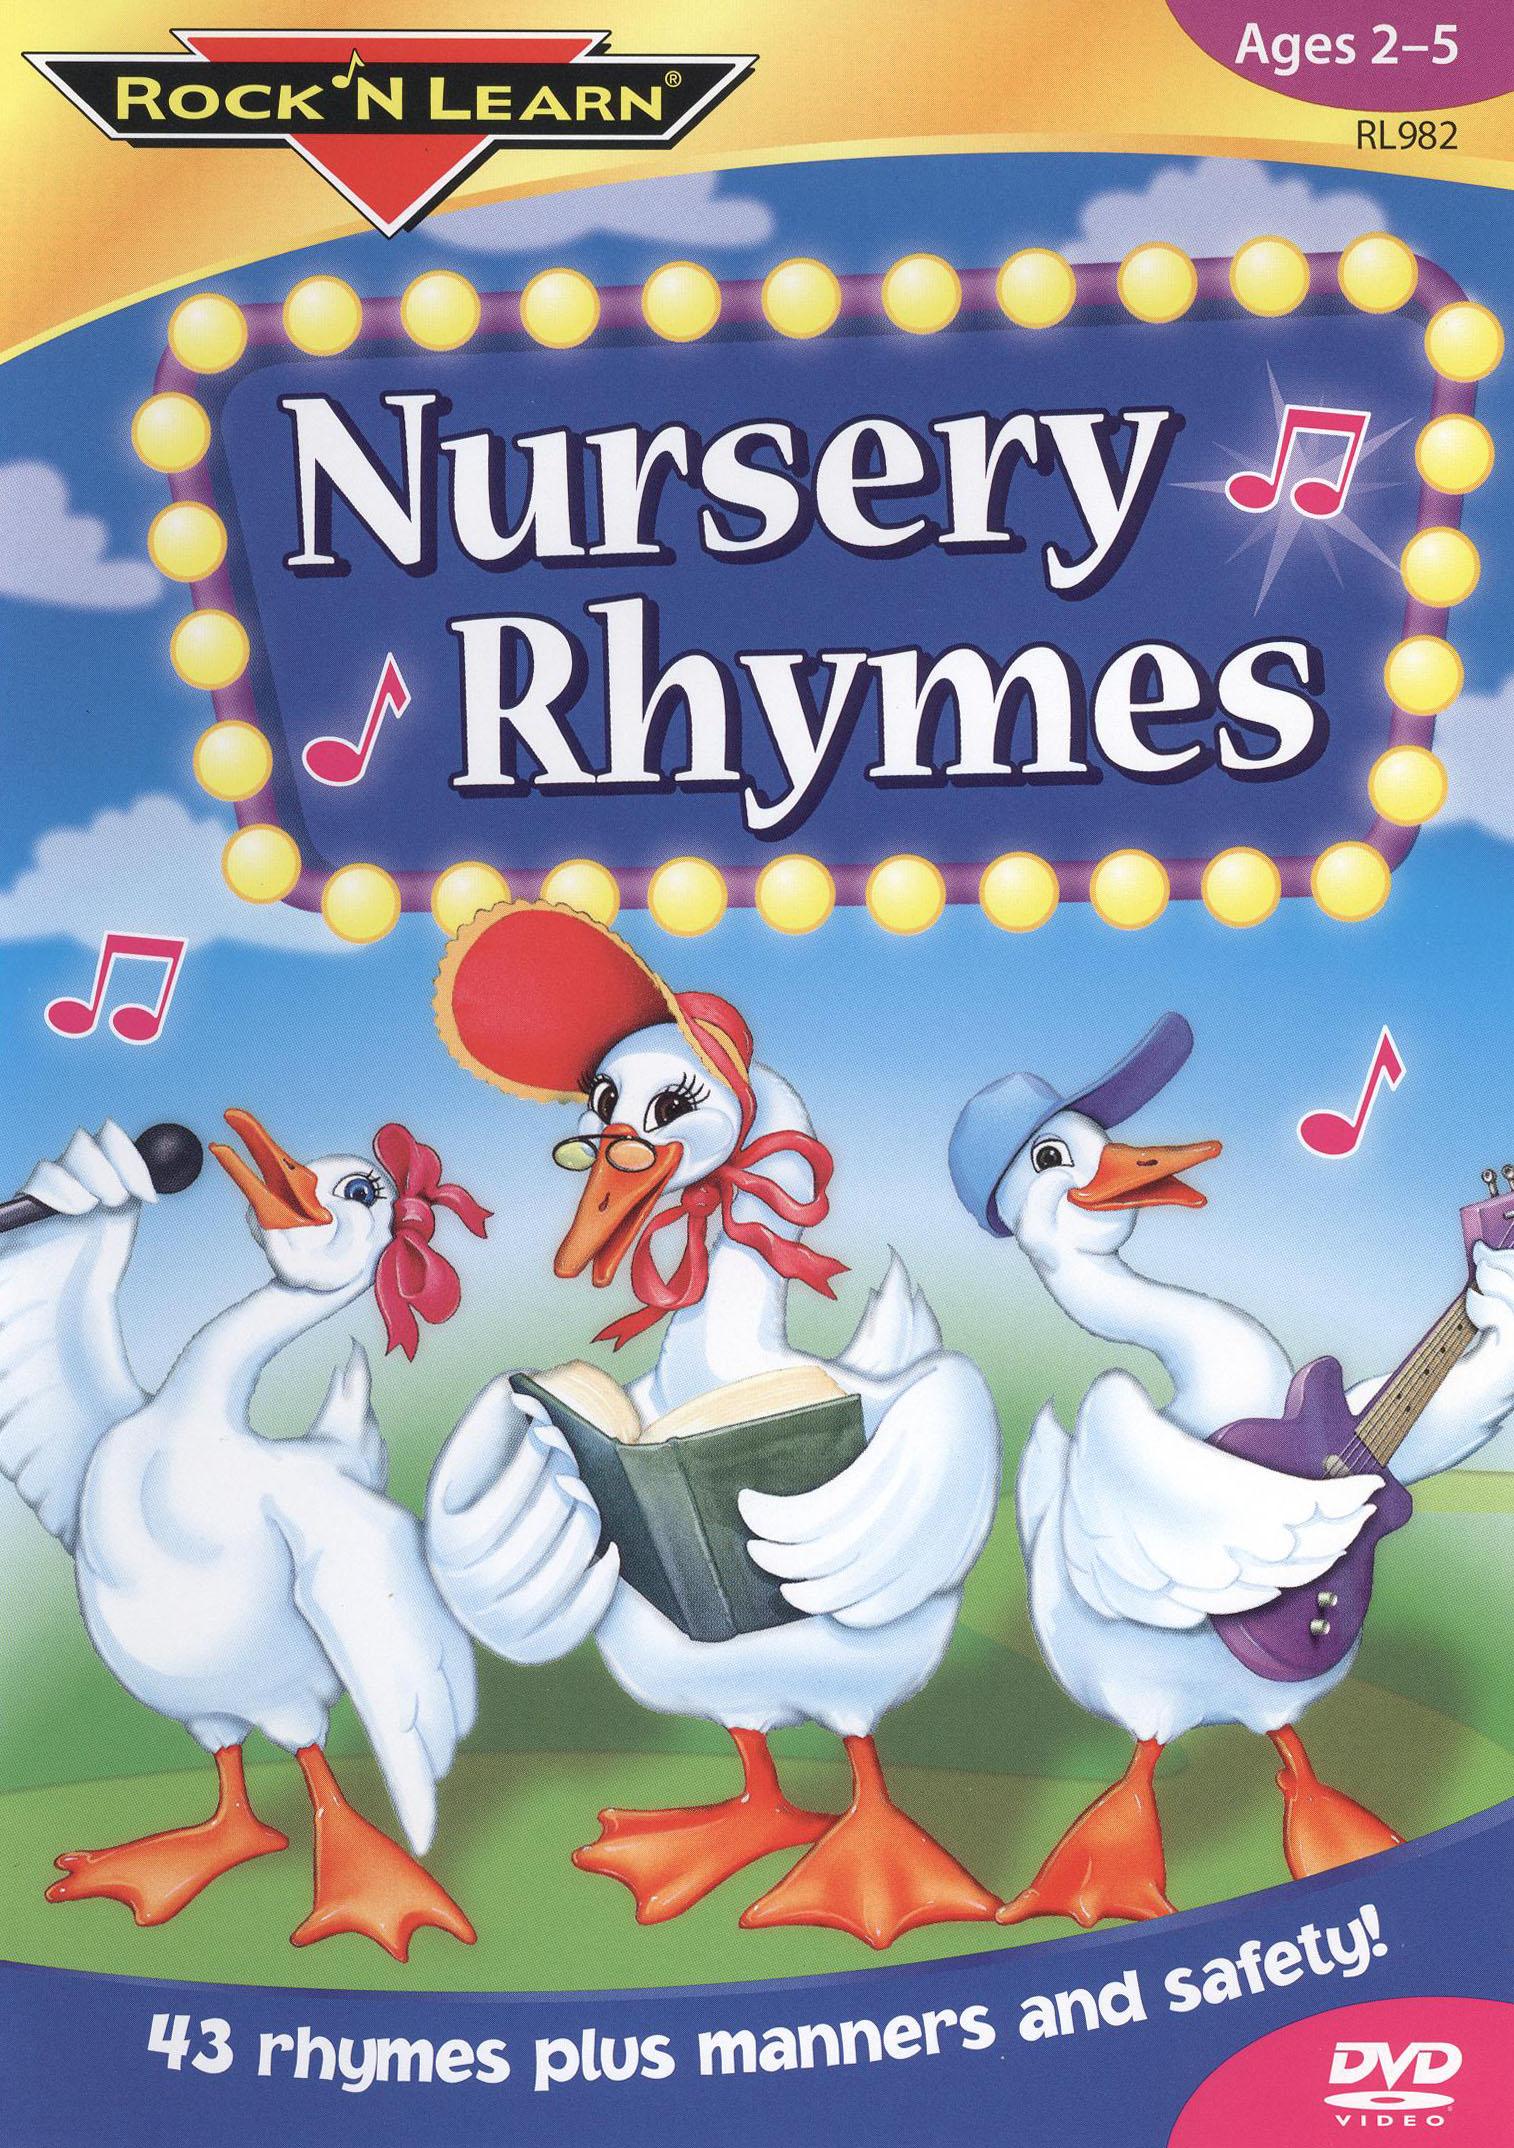 Rock 'N Learn: Nursery Rhymes